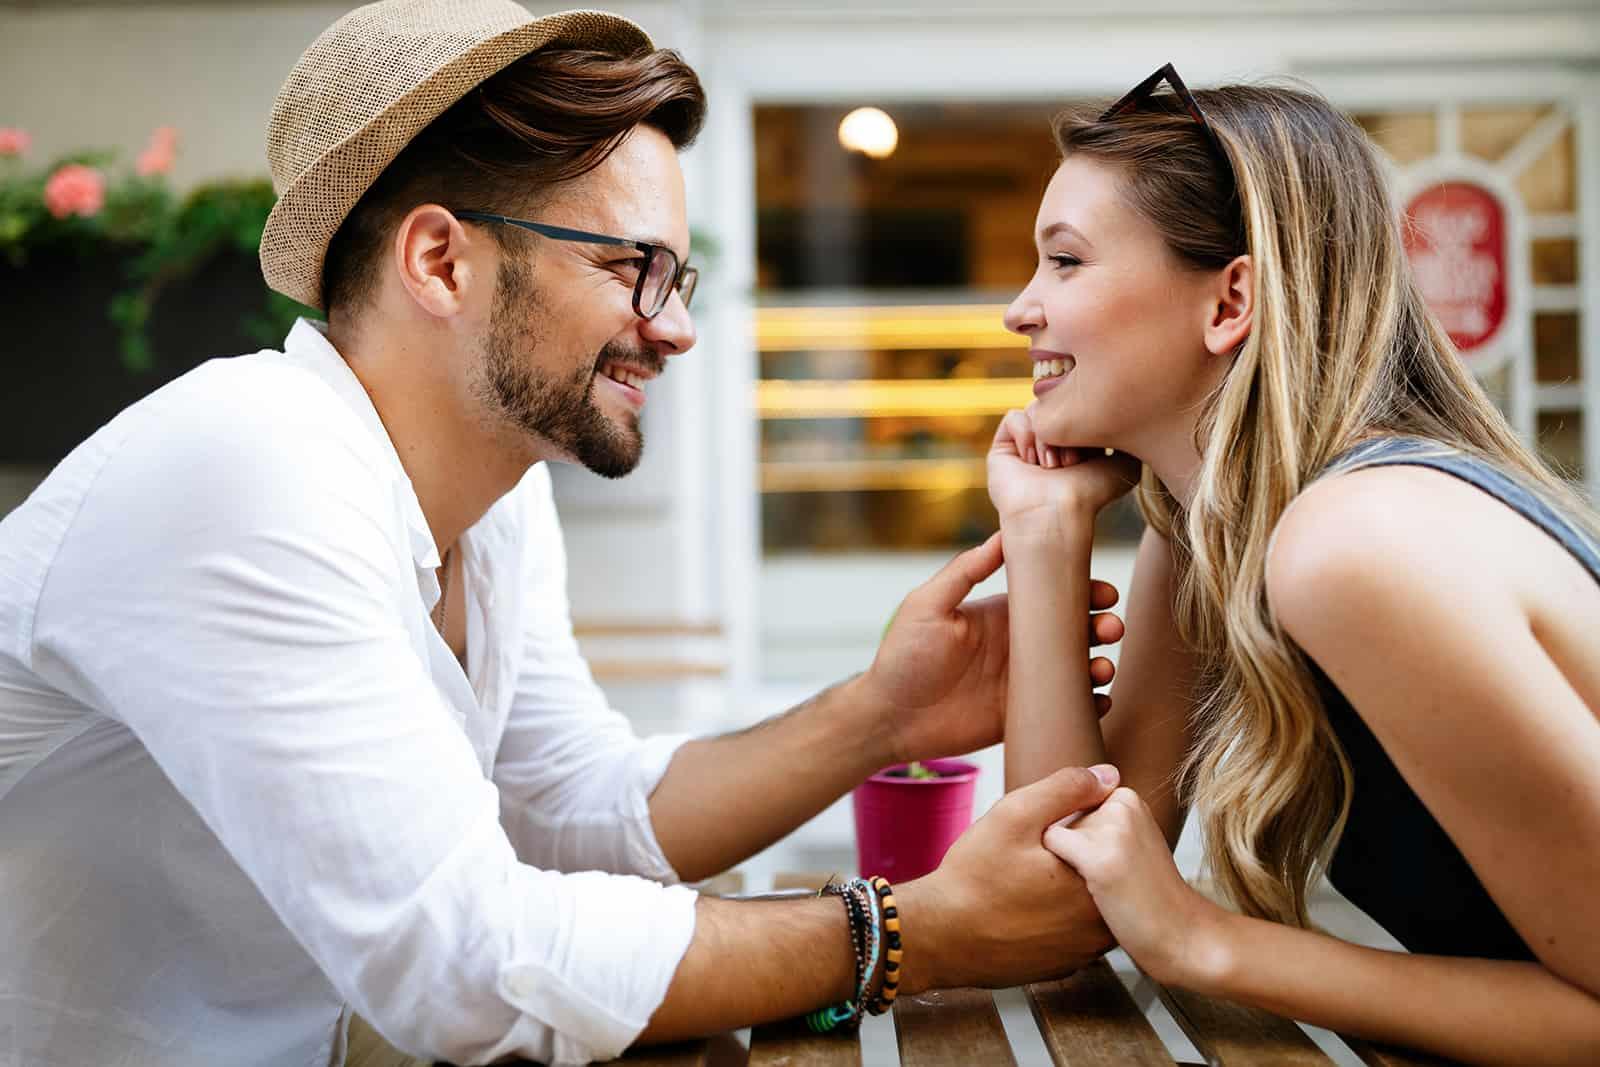 ein lächelndes Paar, das im Café Hände hält und sich ansieht